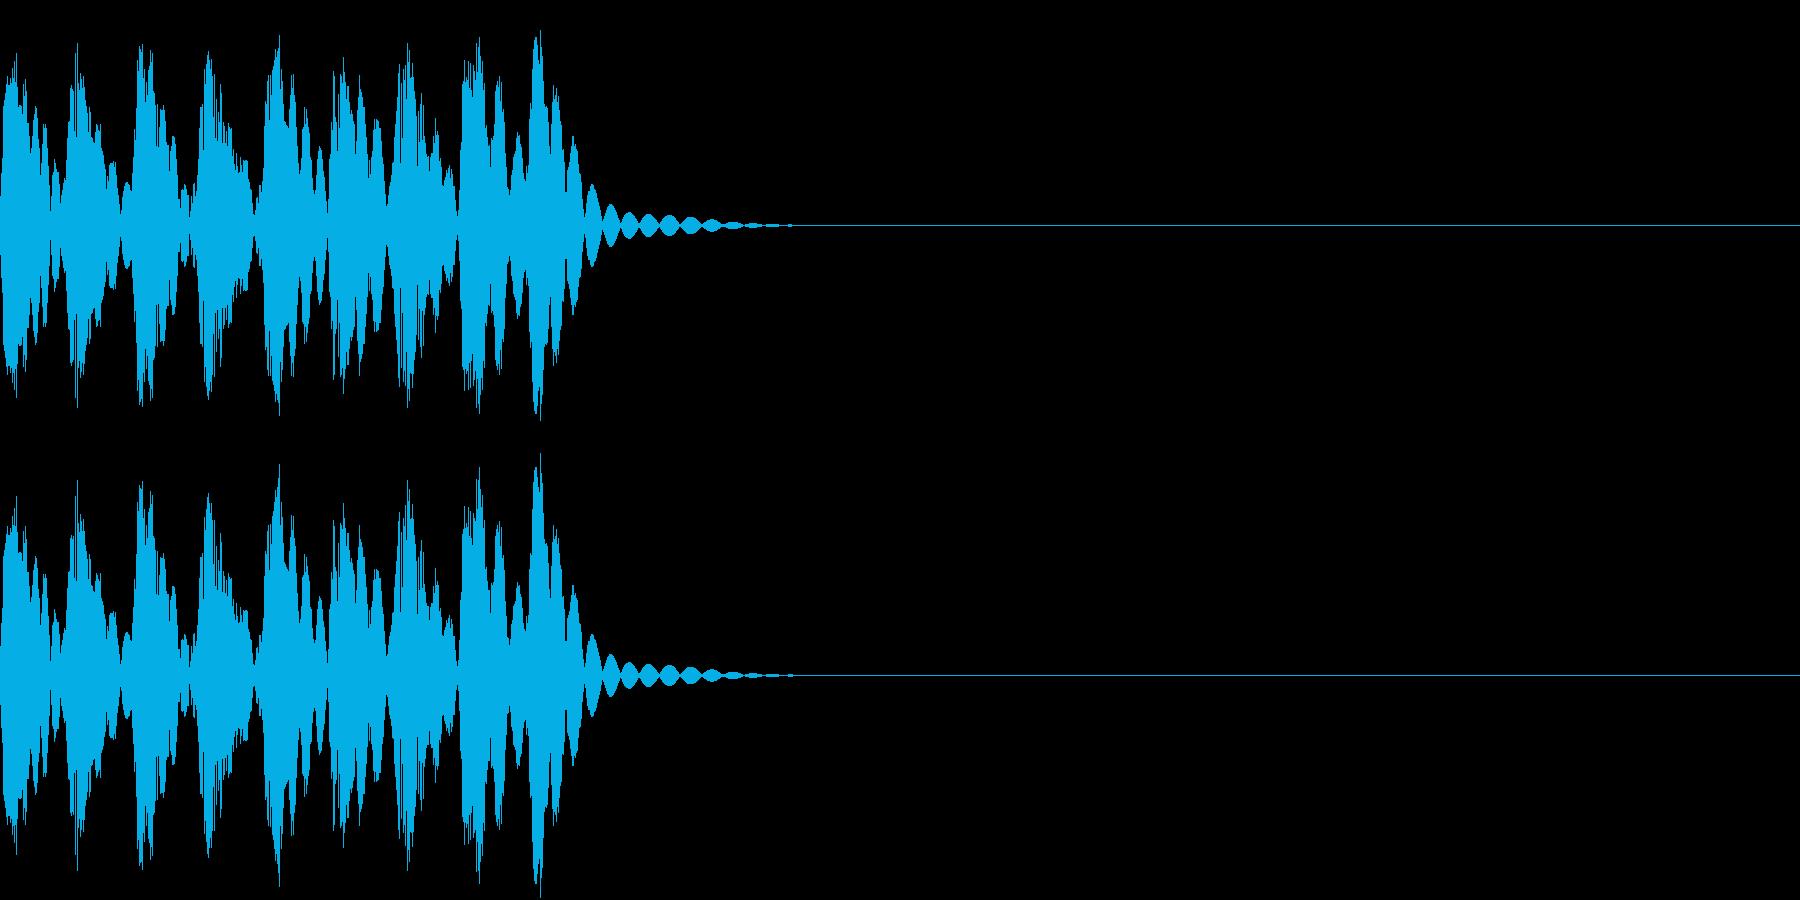 コンピューター、ロボ、ノイズの再生済みの波形